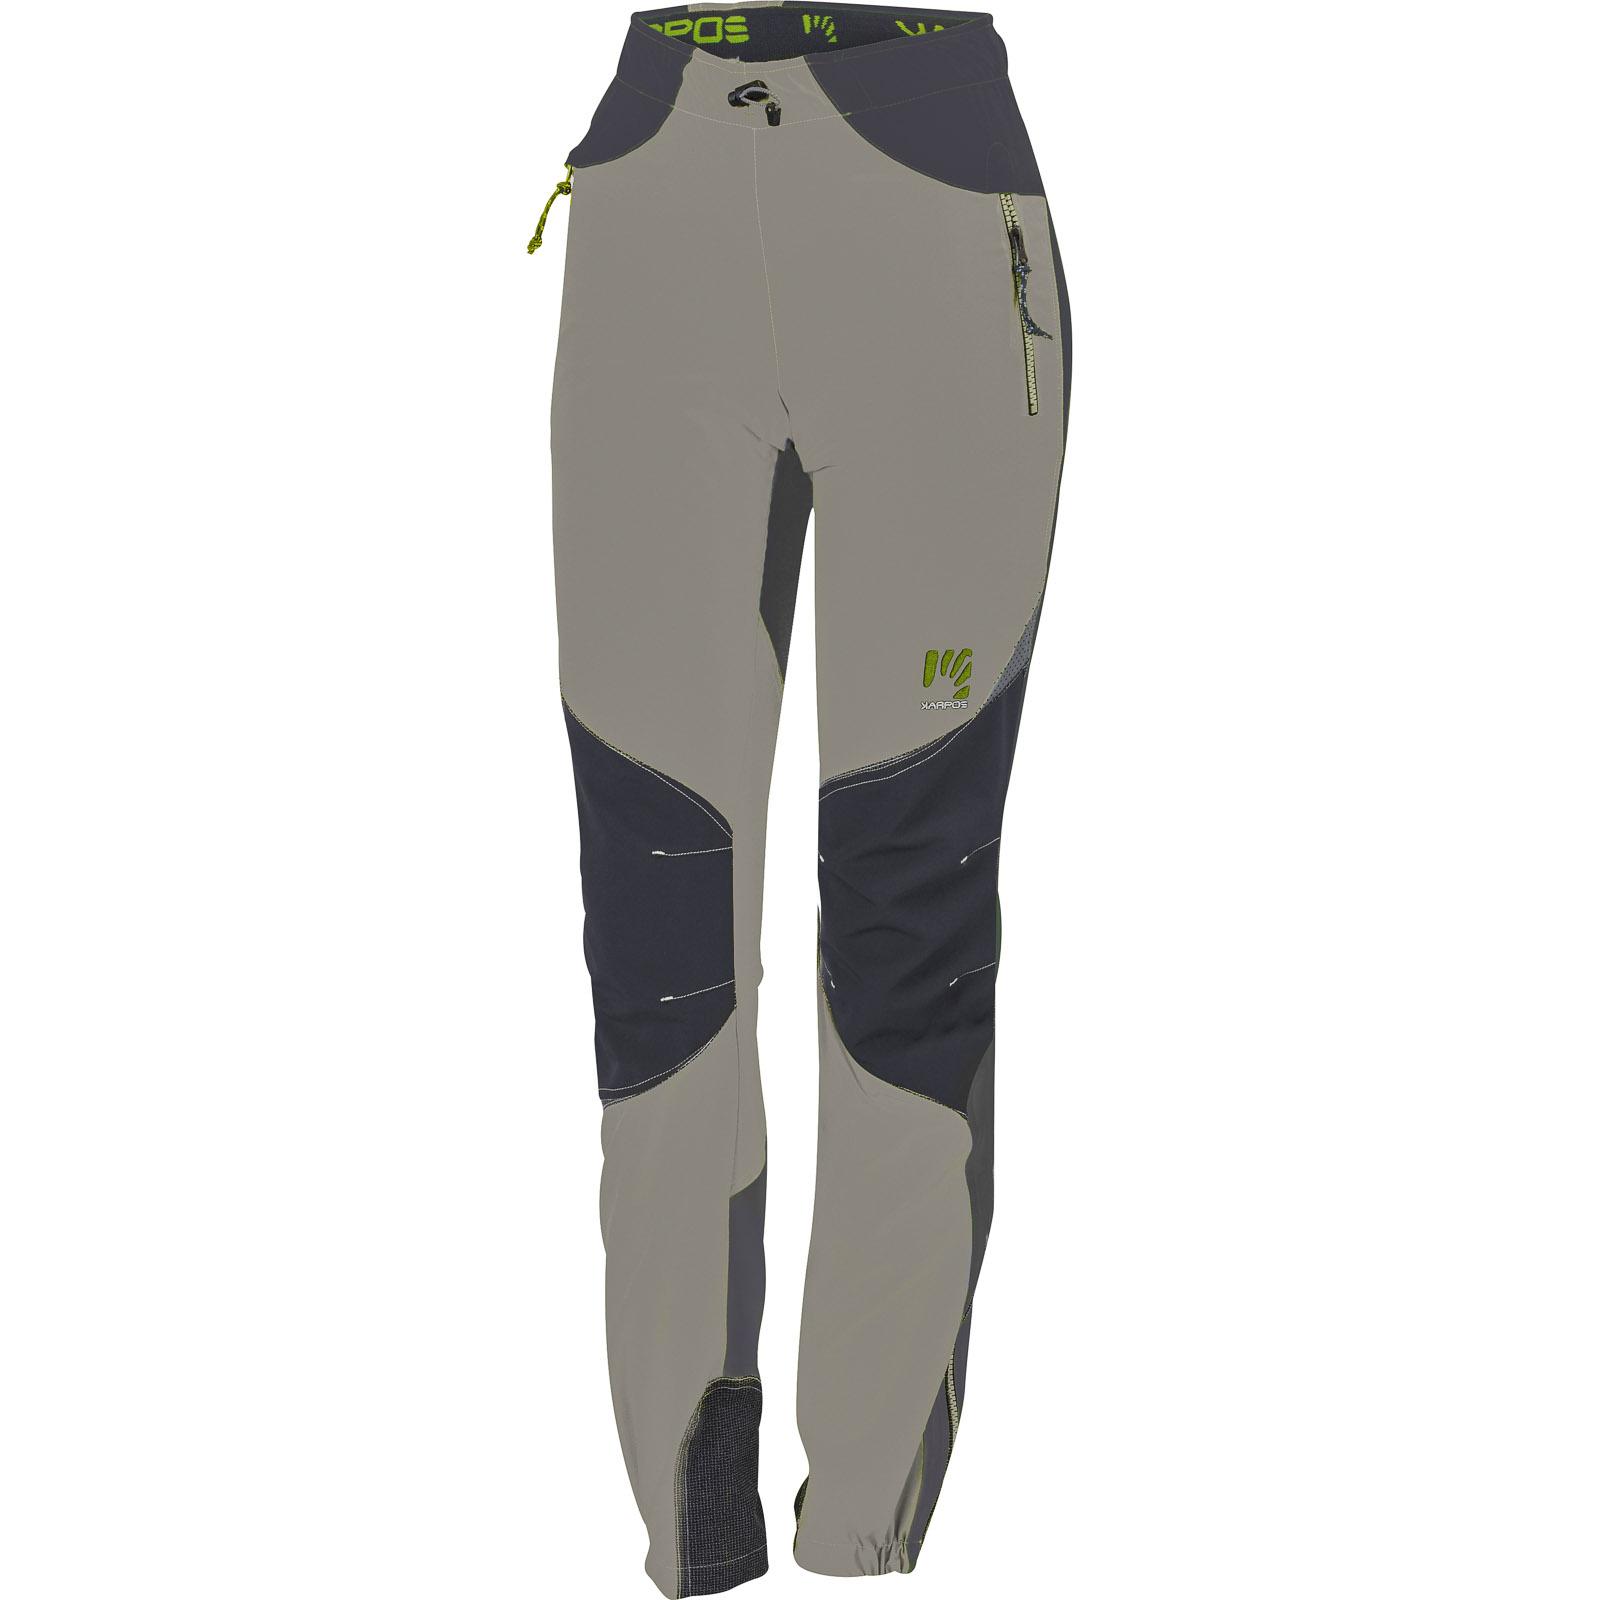 4bd1fed5b634 Karpos Rock outdoorové nohavice dámske sivé. Karpos Rock outdoorové  nohavice dámske sivé. Pre absolútny zážitok prosím použite prehliadač s  javascriptom. ‹ ›